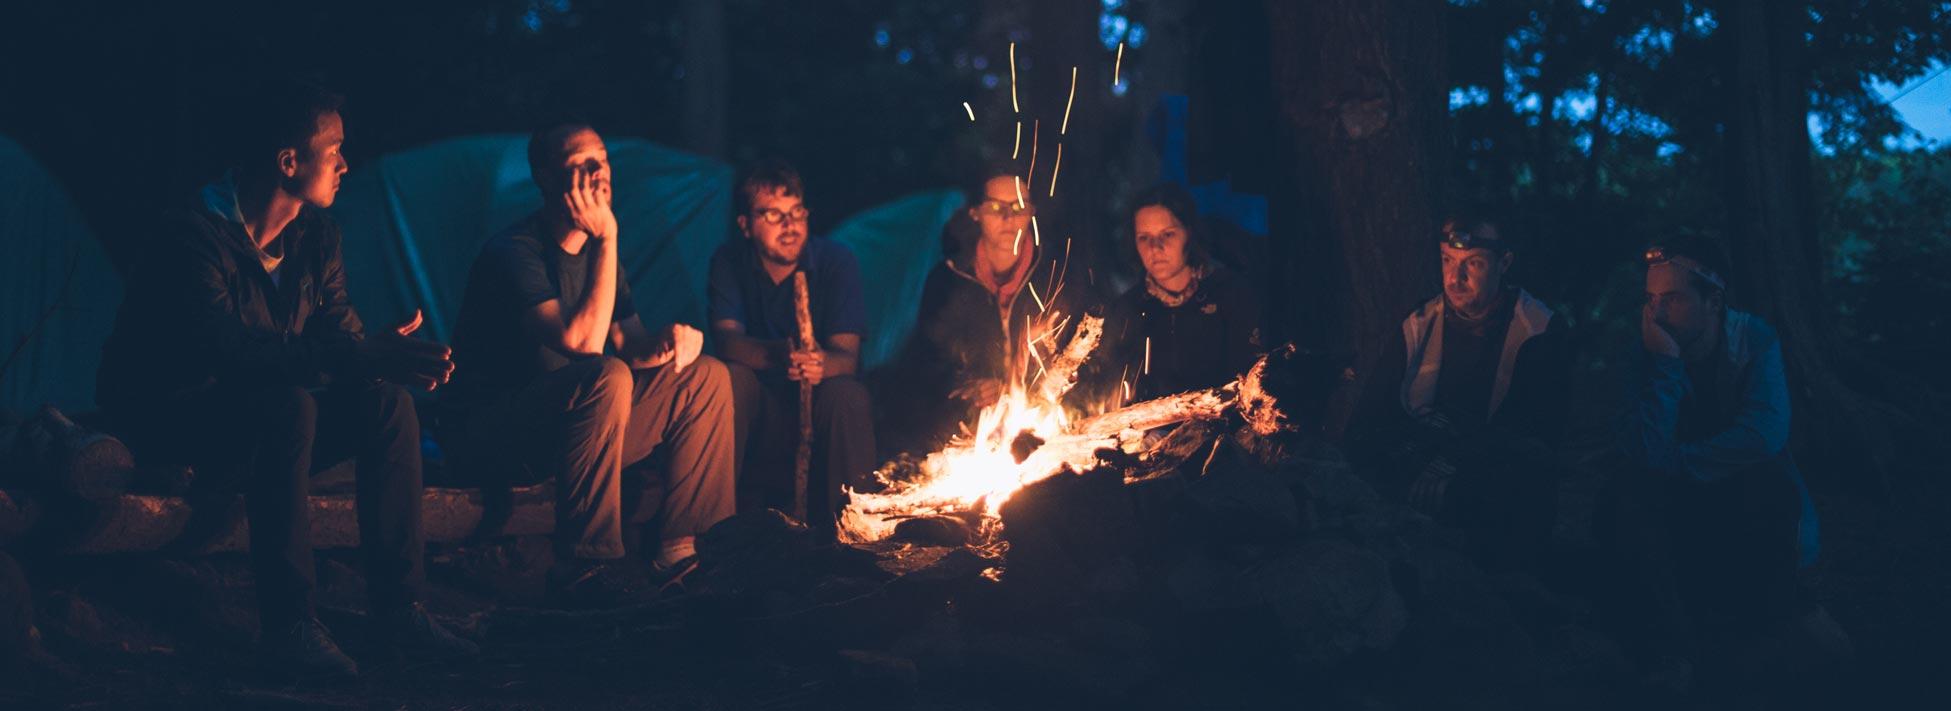 Campingplatz Eldorado - Camping am Niederrhein in NRW